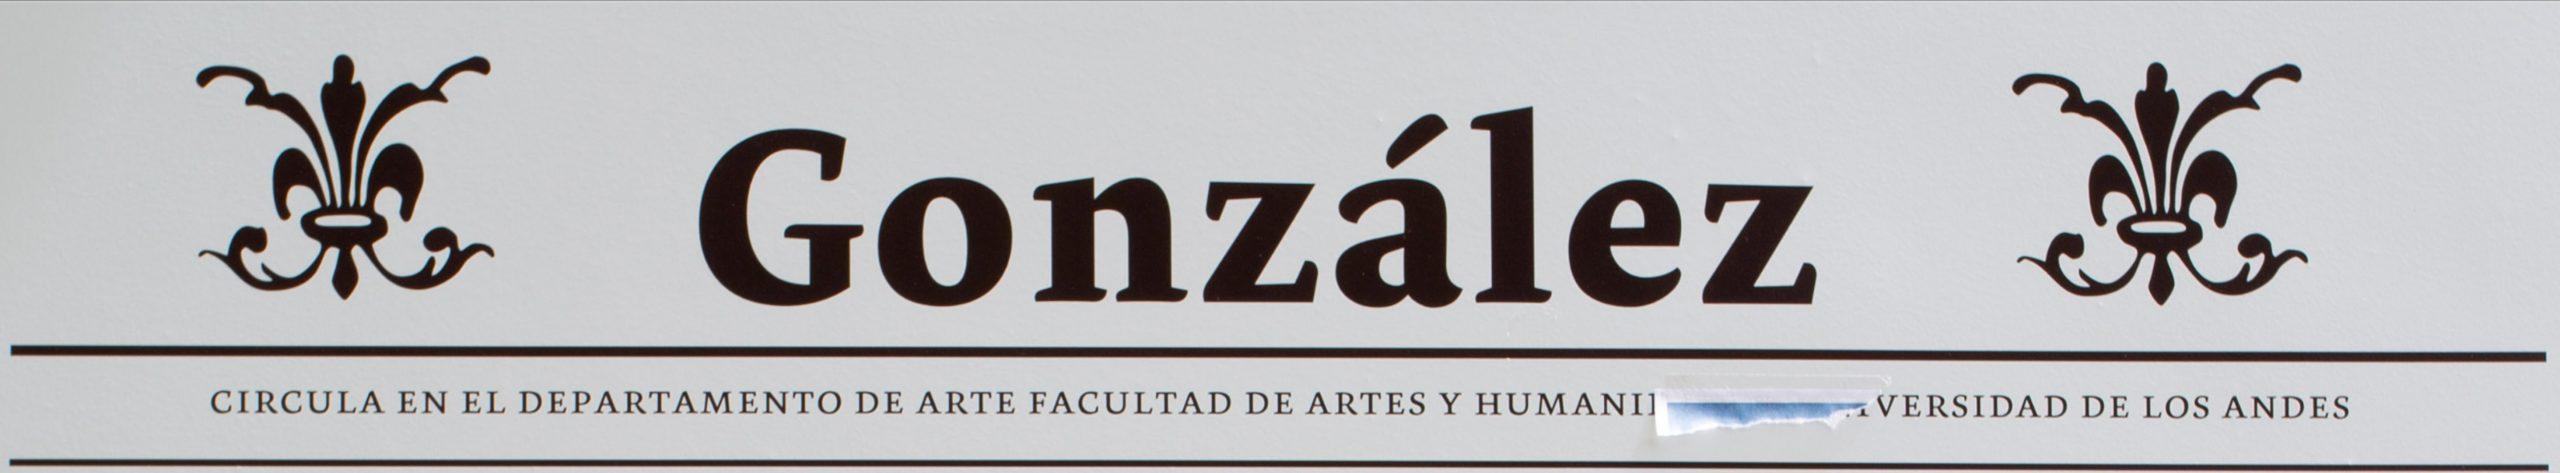 González: 15 años